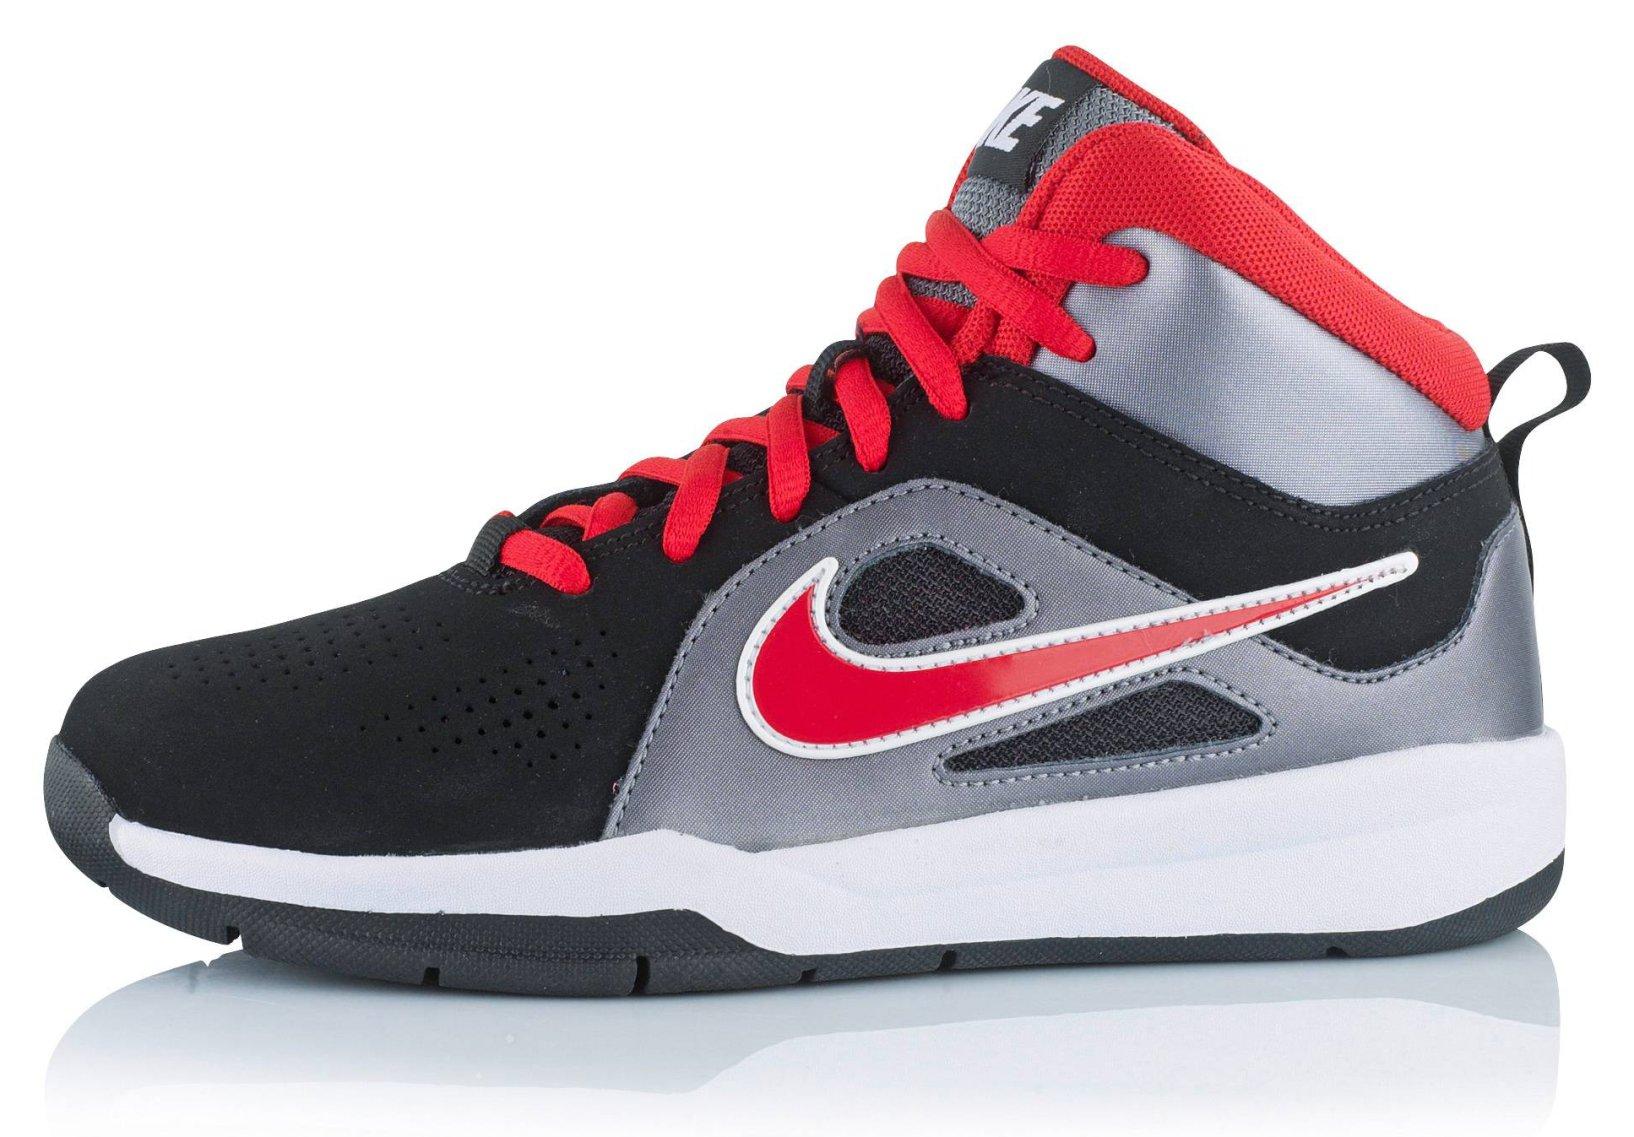 acheter pas cher 922aa 8c04d magasin de chaussure de basketball bordeaux,chaussure de ...